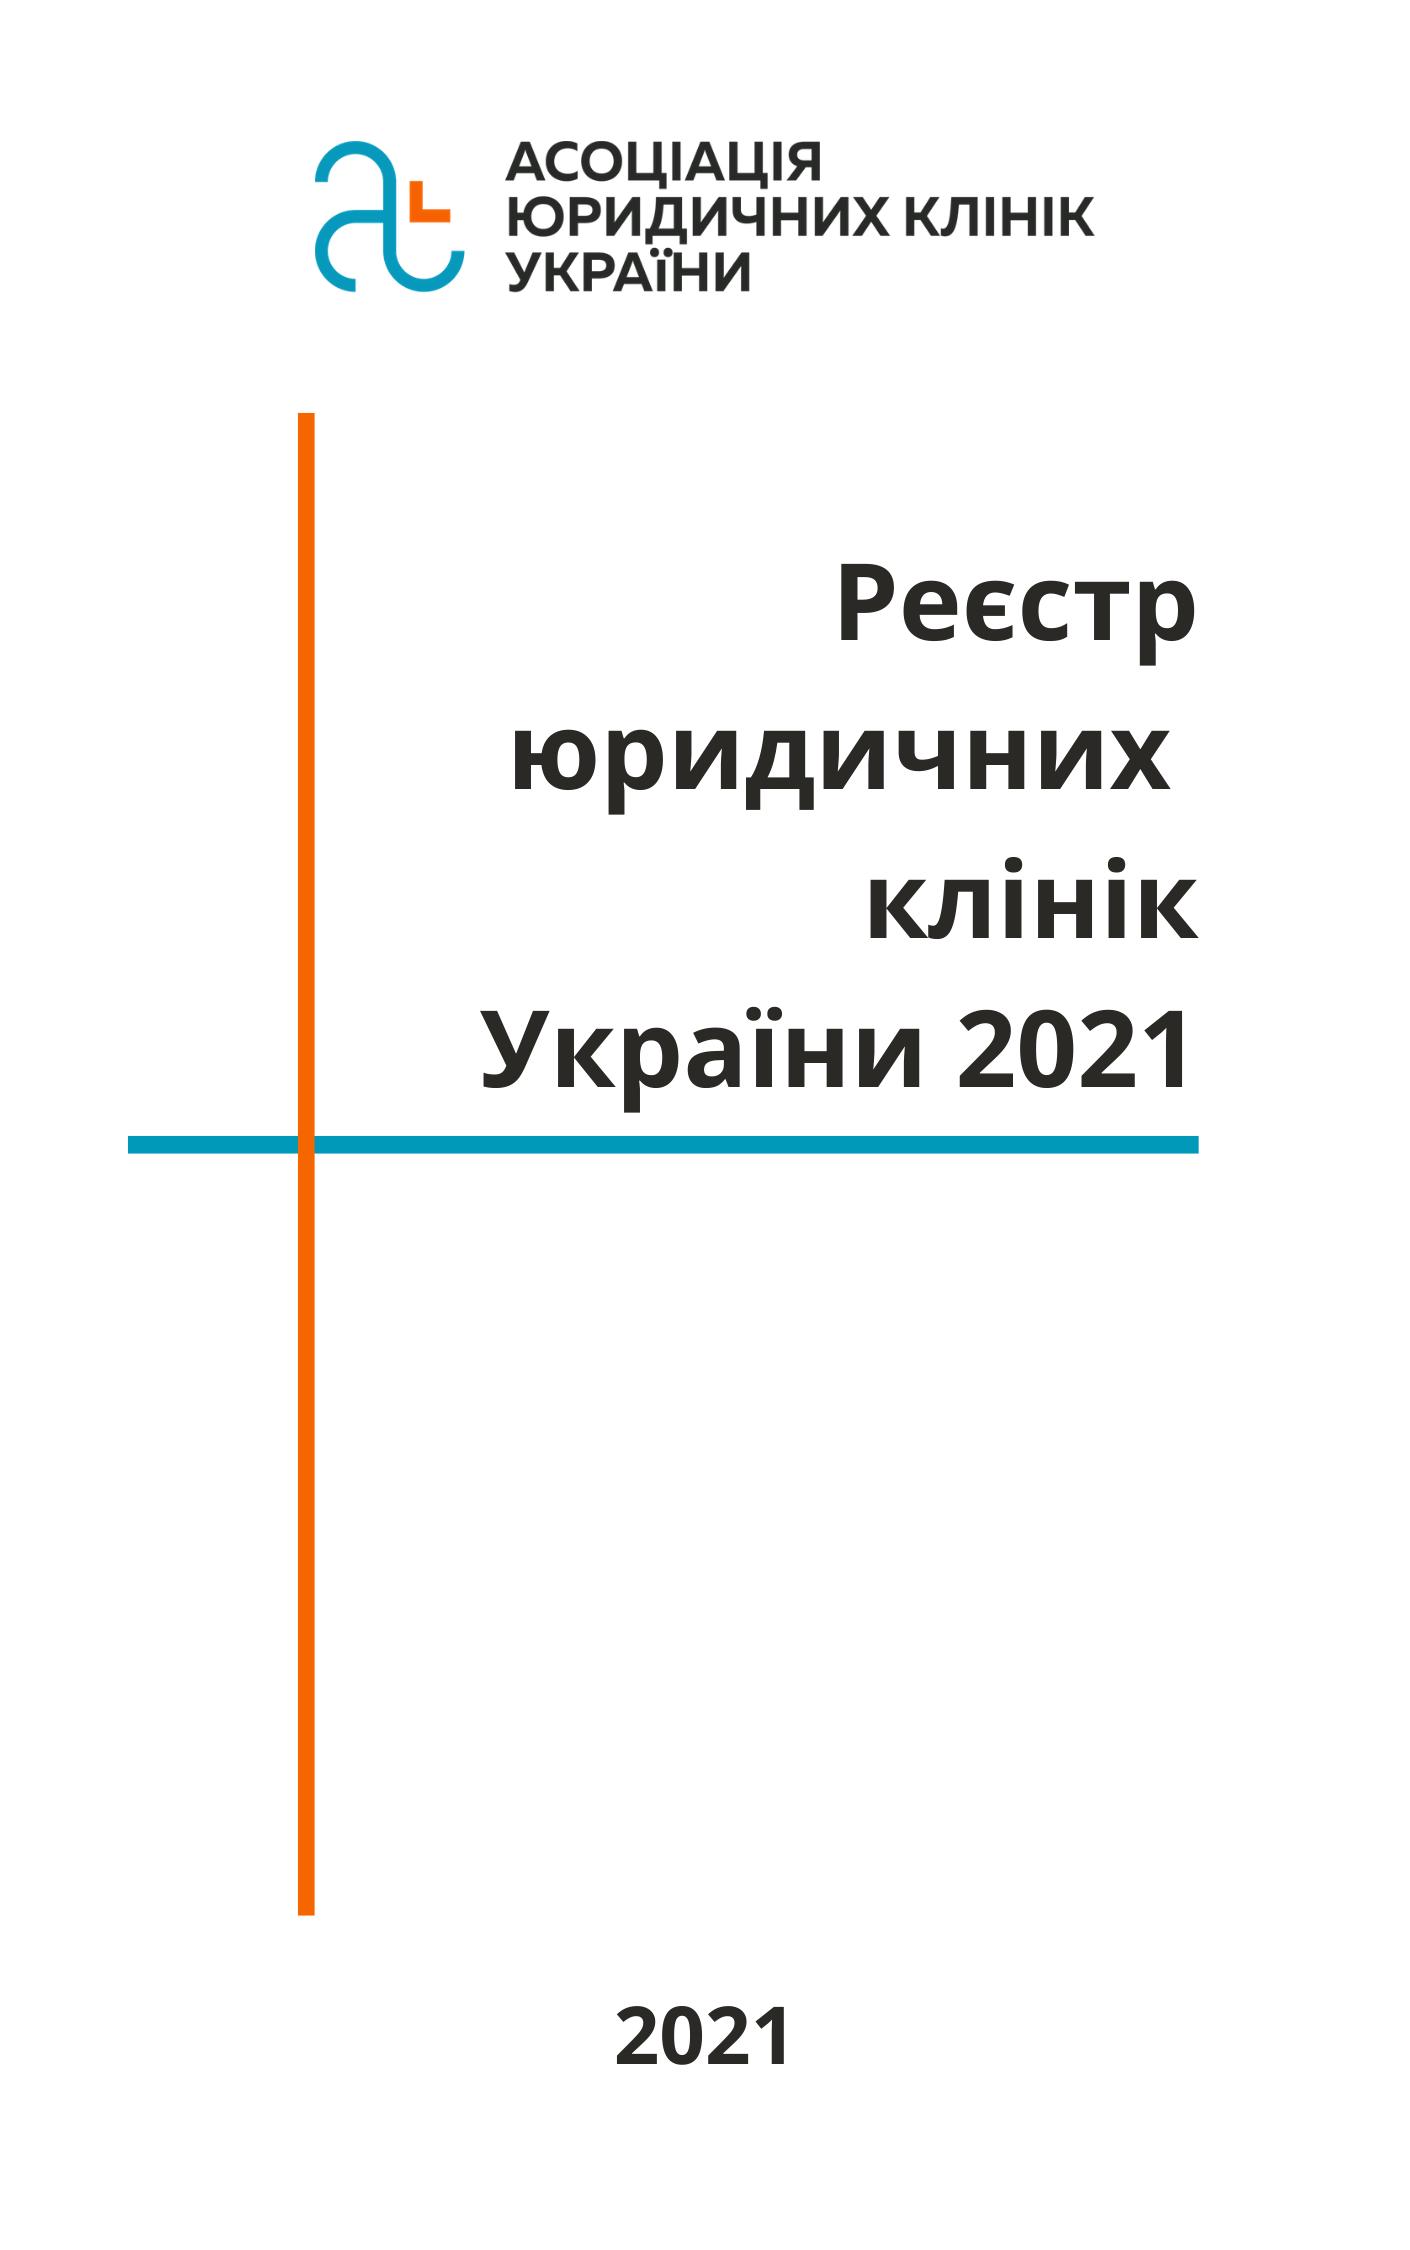 Реєстр Асоціації юридичних клінік 2021